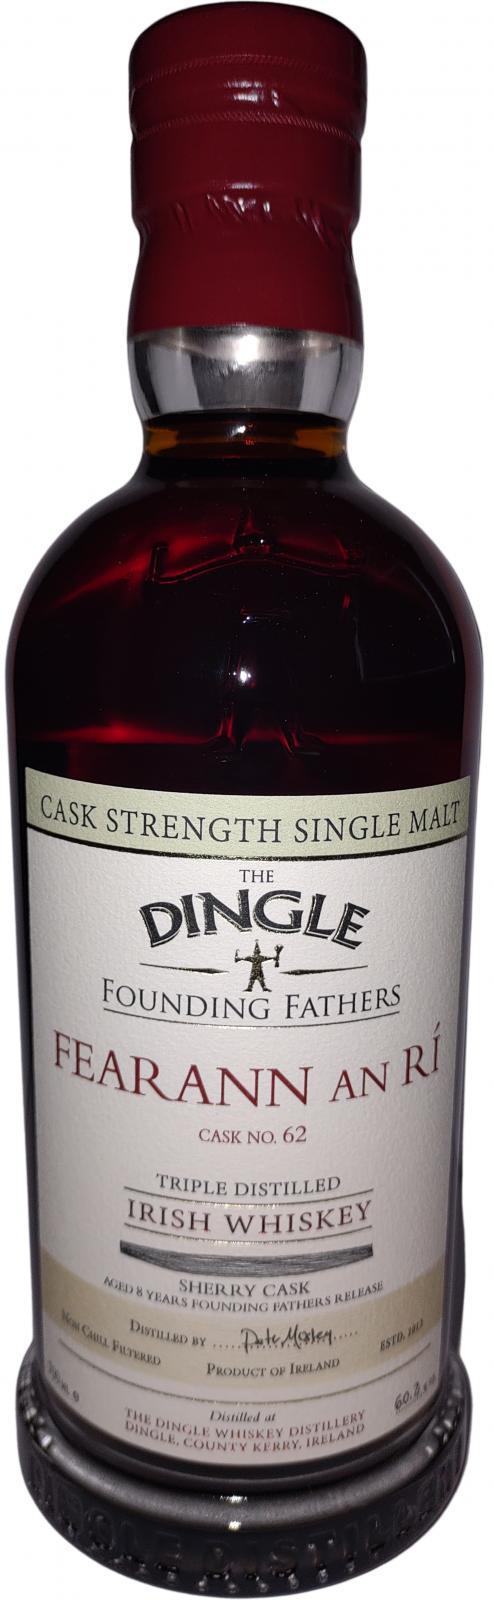 Dingle Fearann an Rí